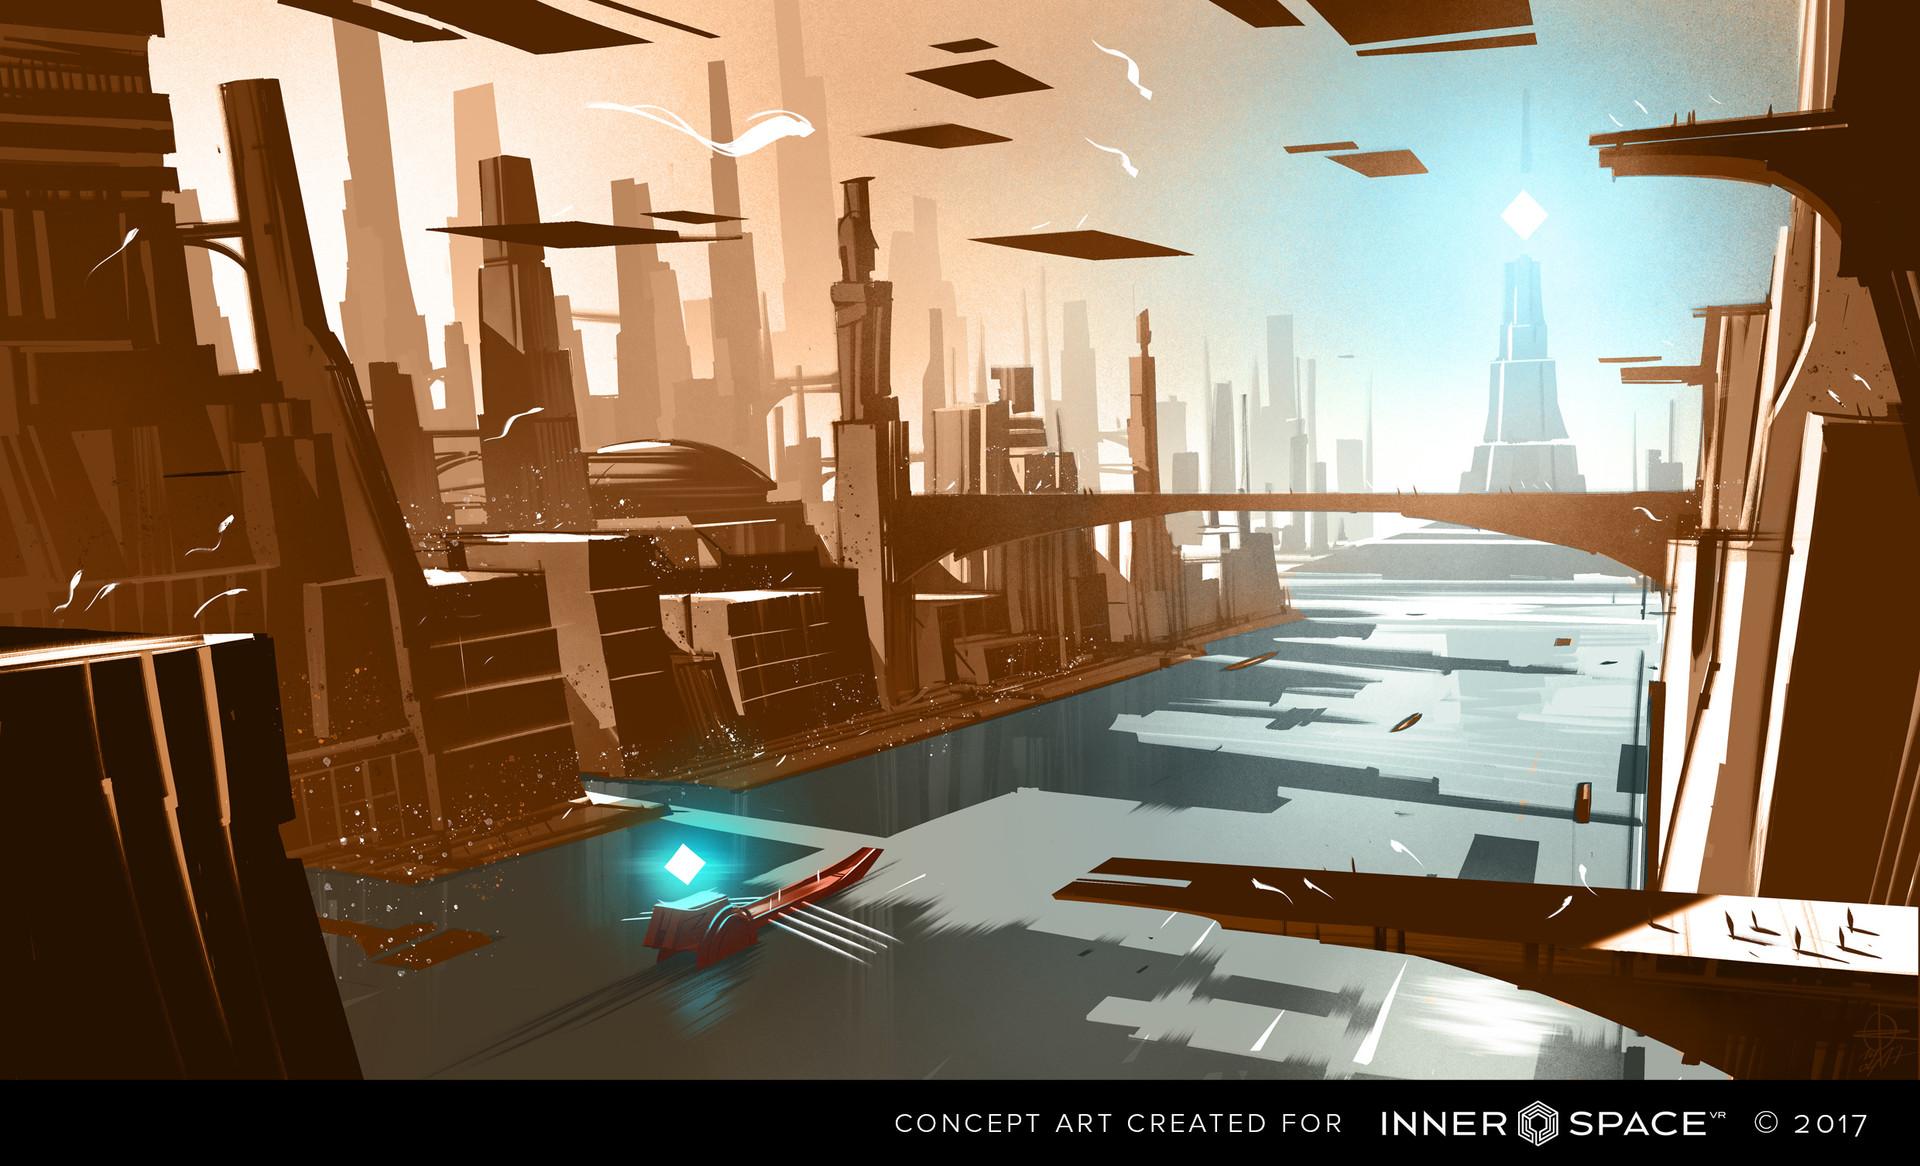 Renaud roche dream city web